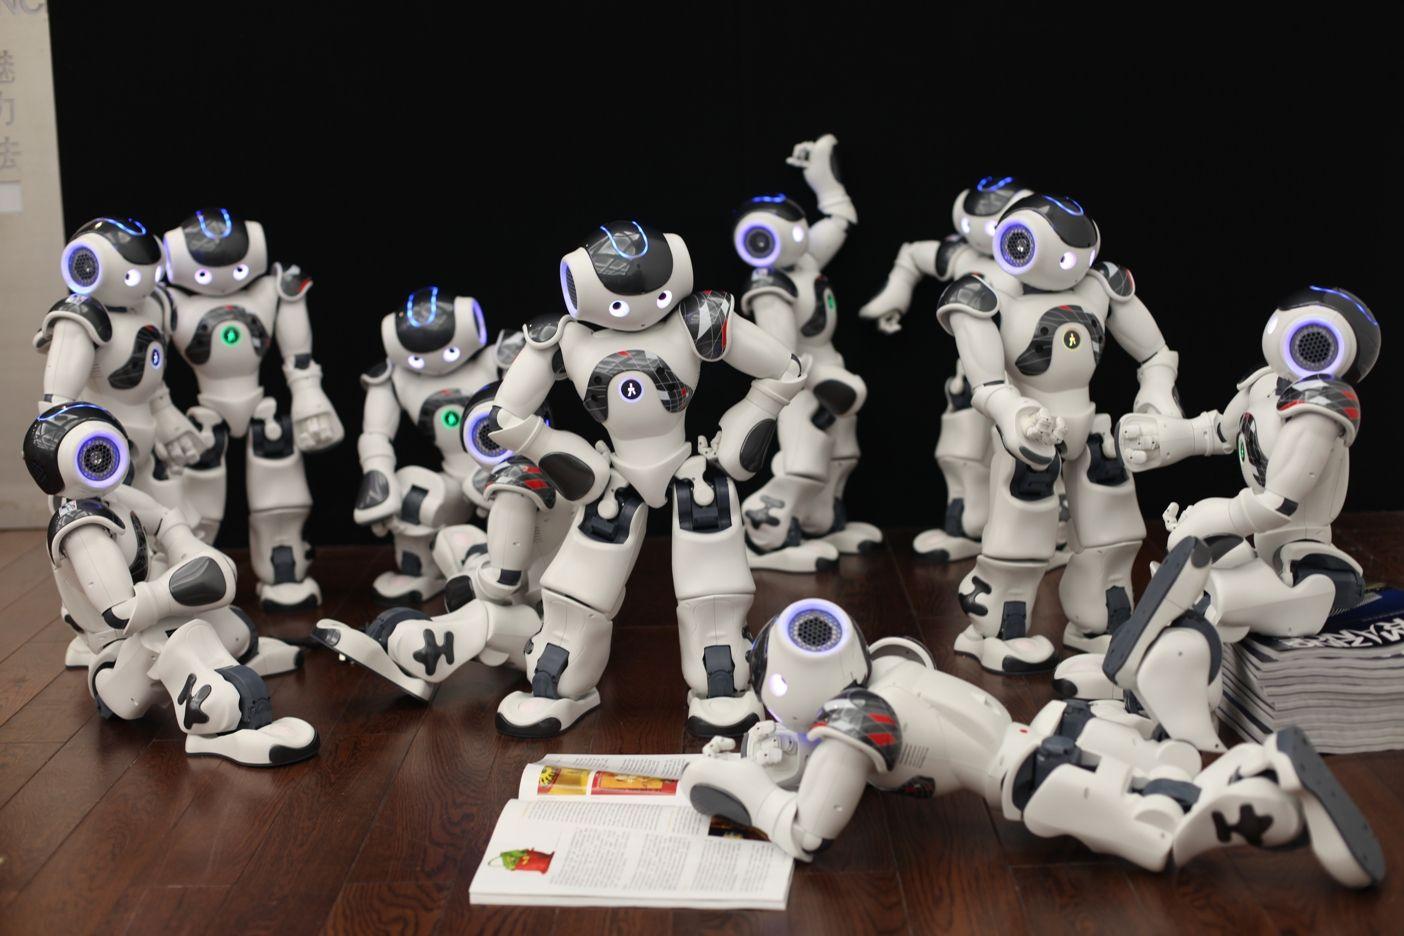 Le robot compagnon est ainsi l'avenir immédiat des robots humanoïdes.